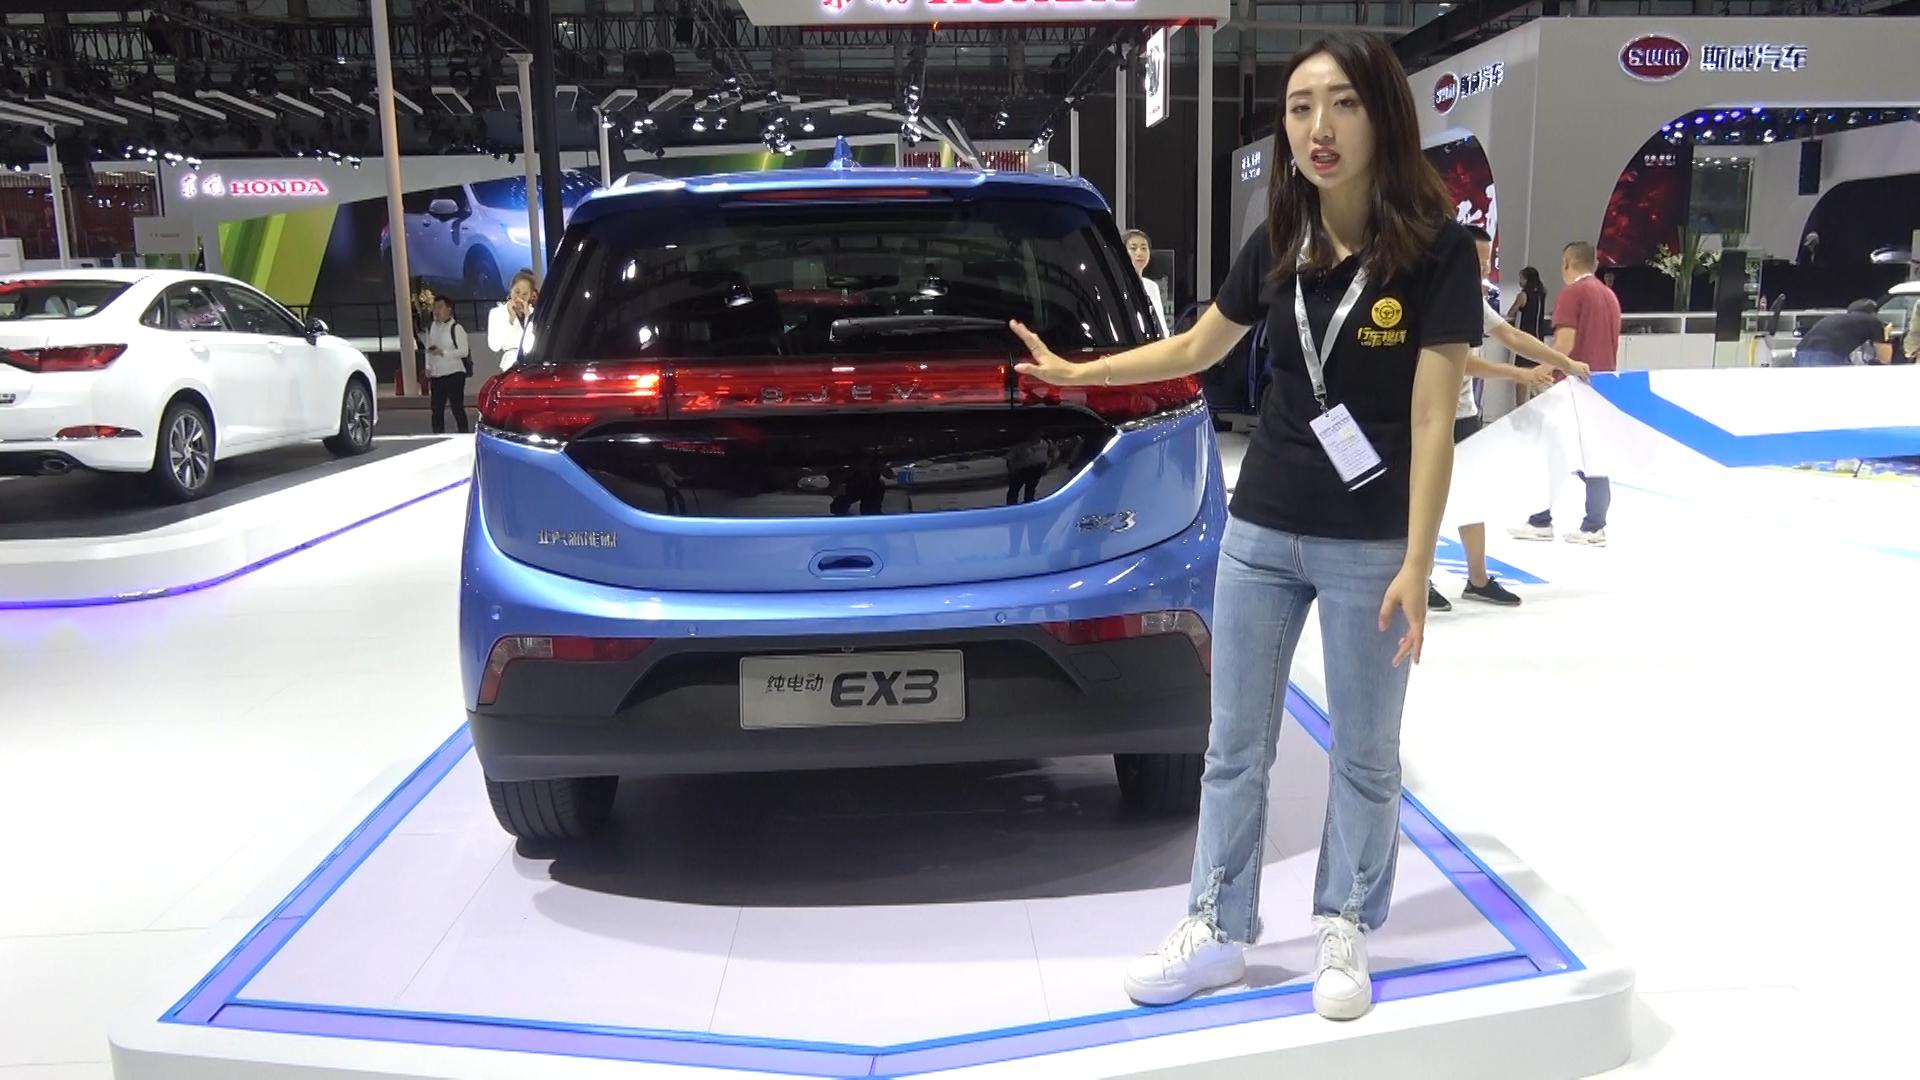 2018广州车展 | 一分钟说车 之 北汽新能源EX3